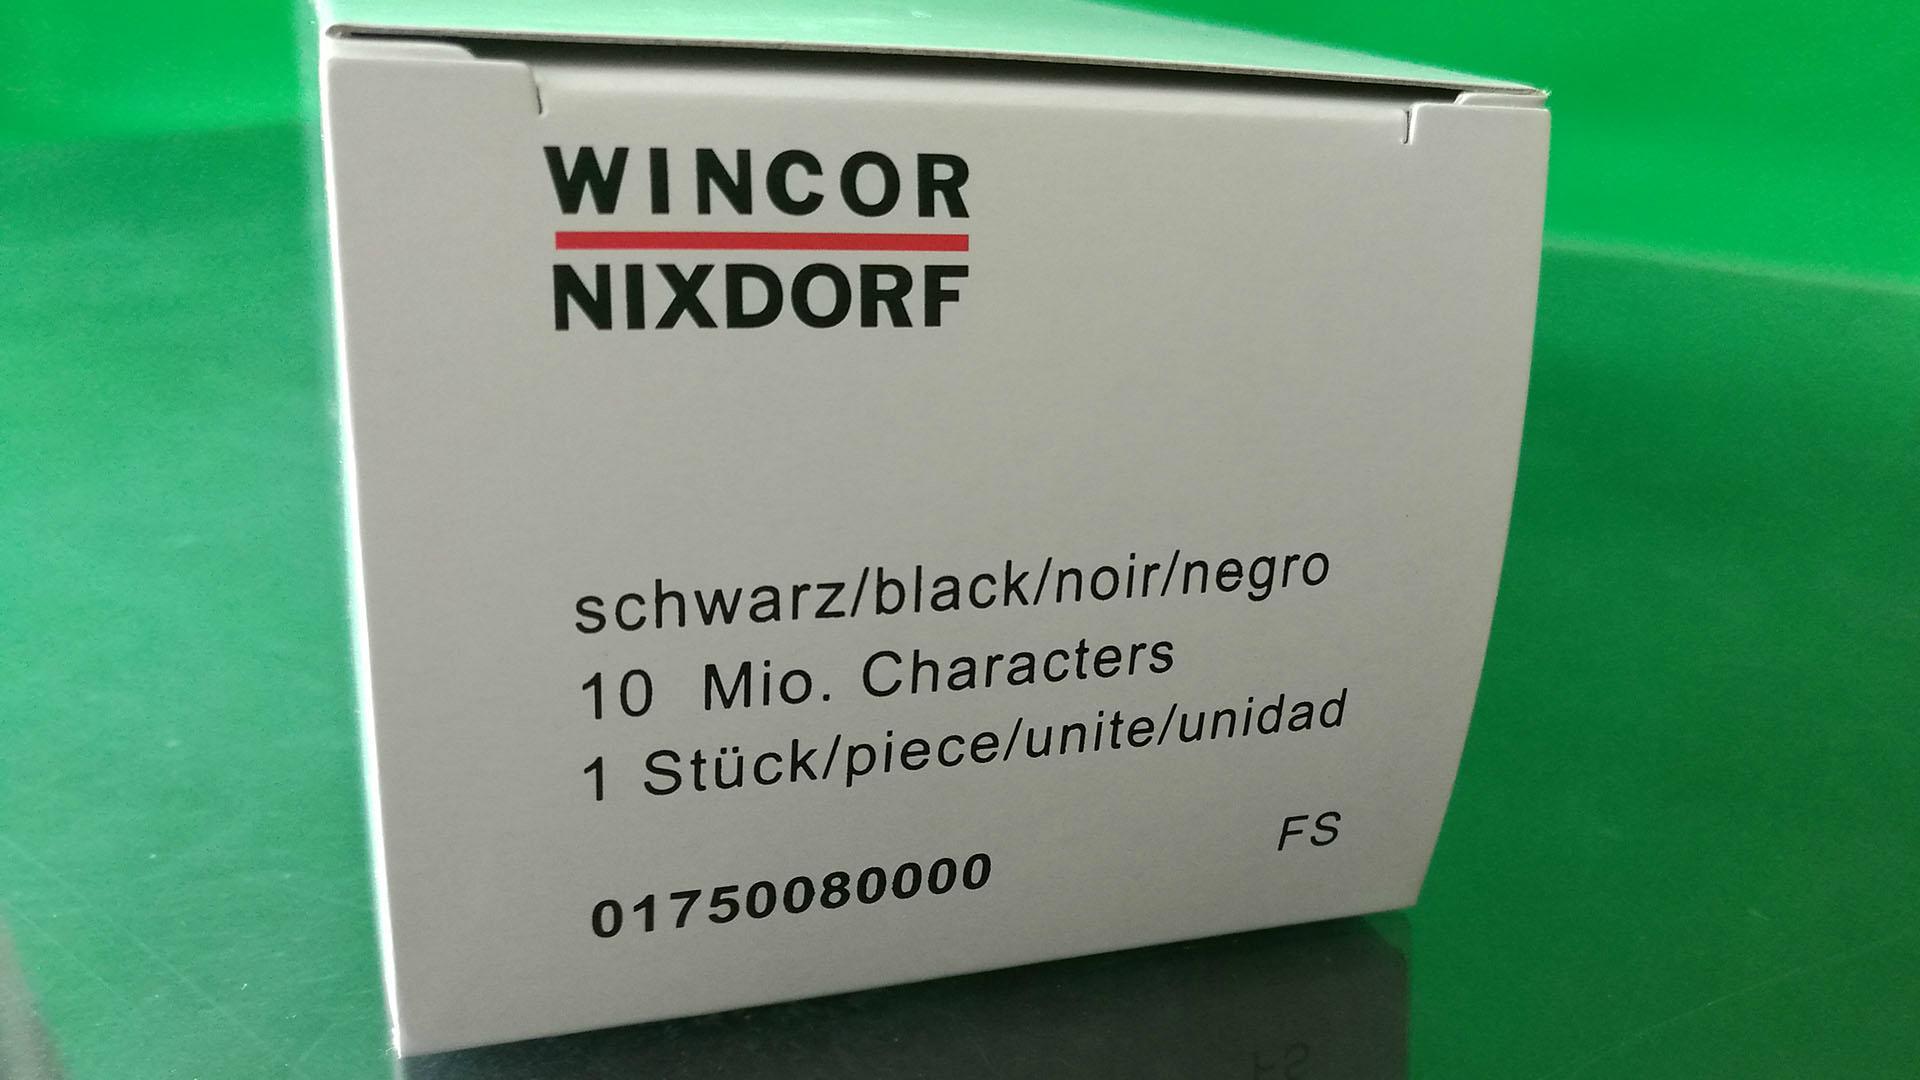 WINCOR NIXDORF 0175008000,01750050803,WINCOR NIXDORF HPR4915/HPR4920,